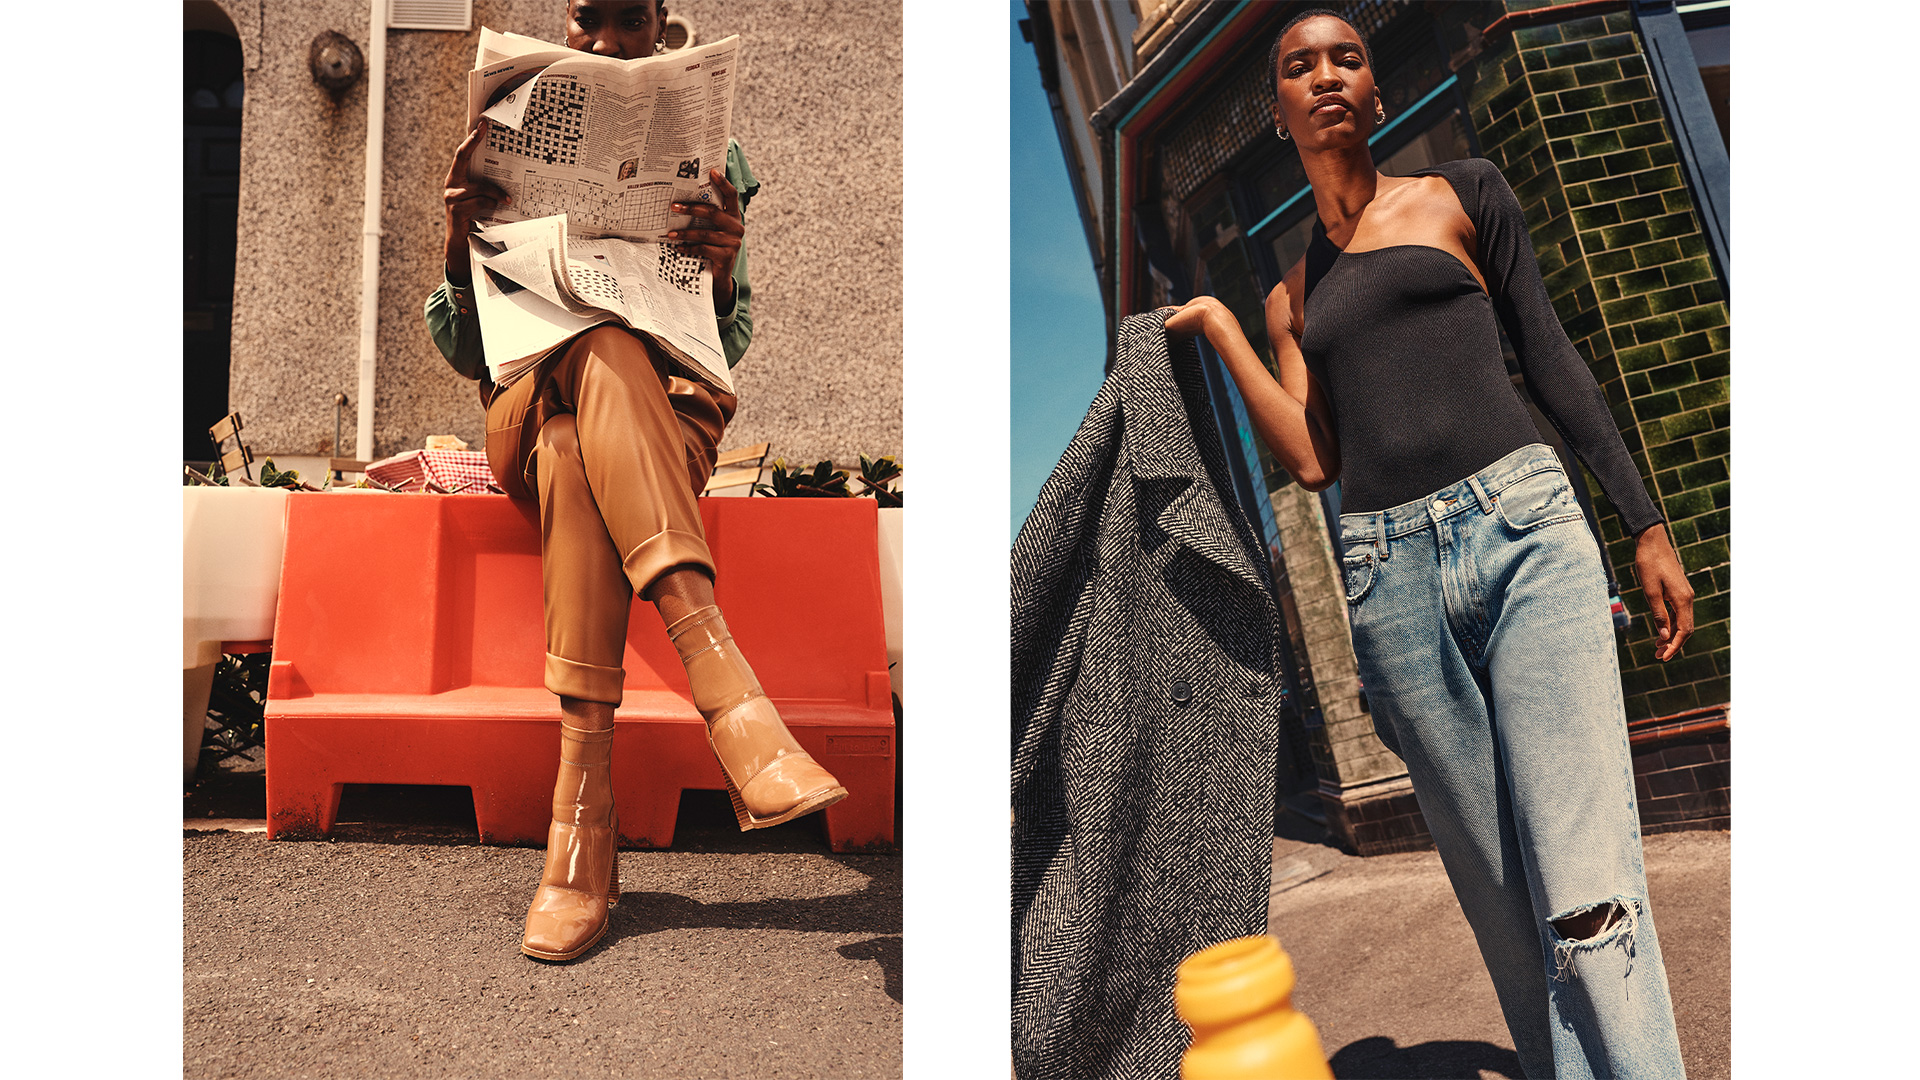 River island retouching fashion model shoot clothing